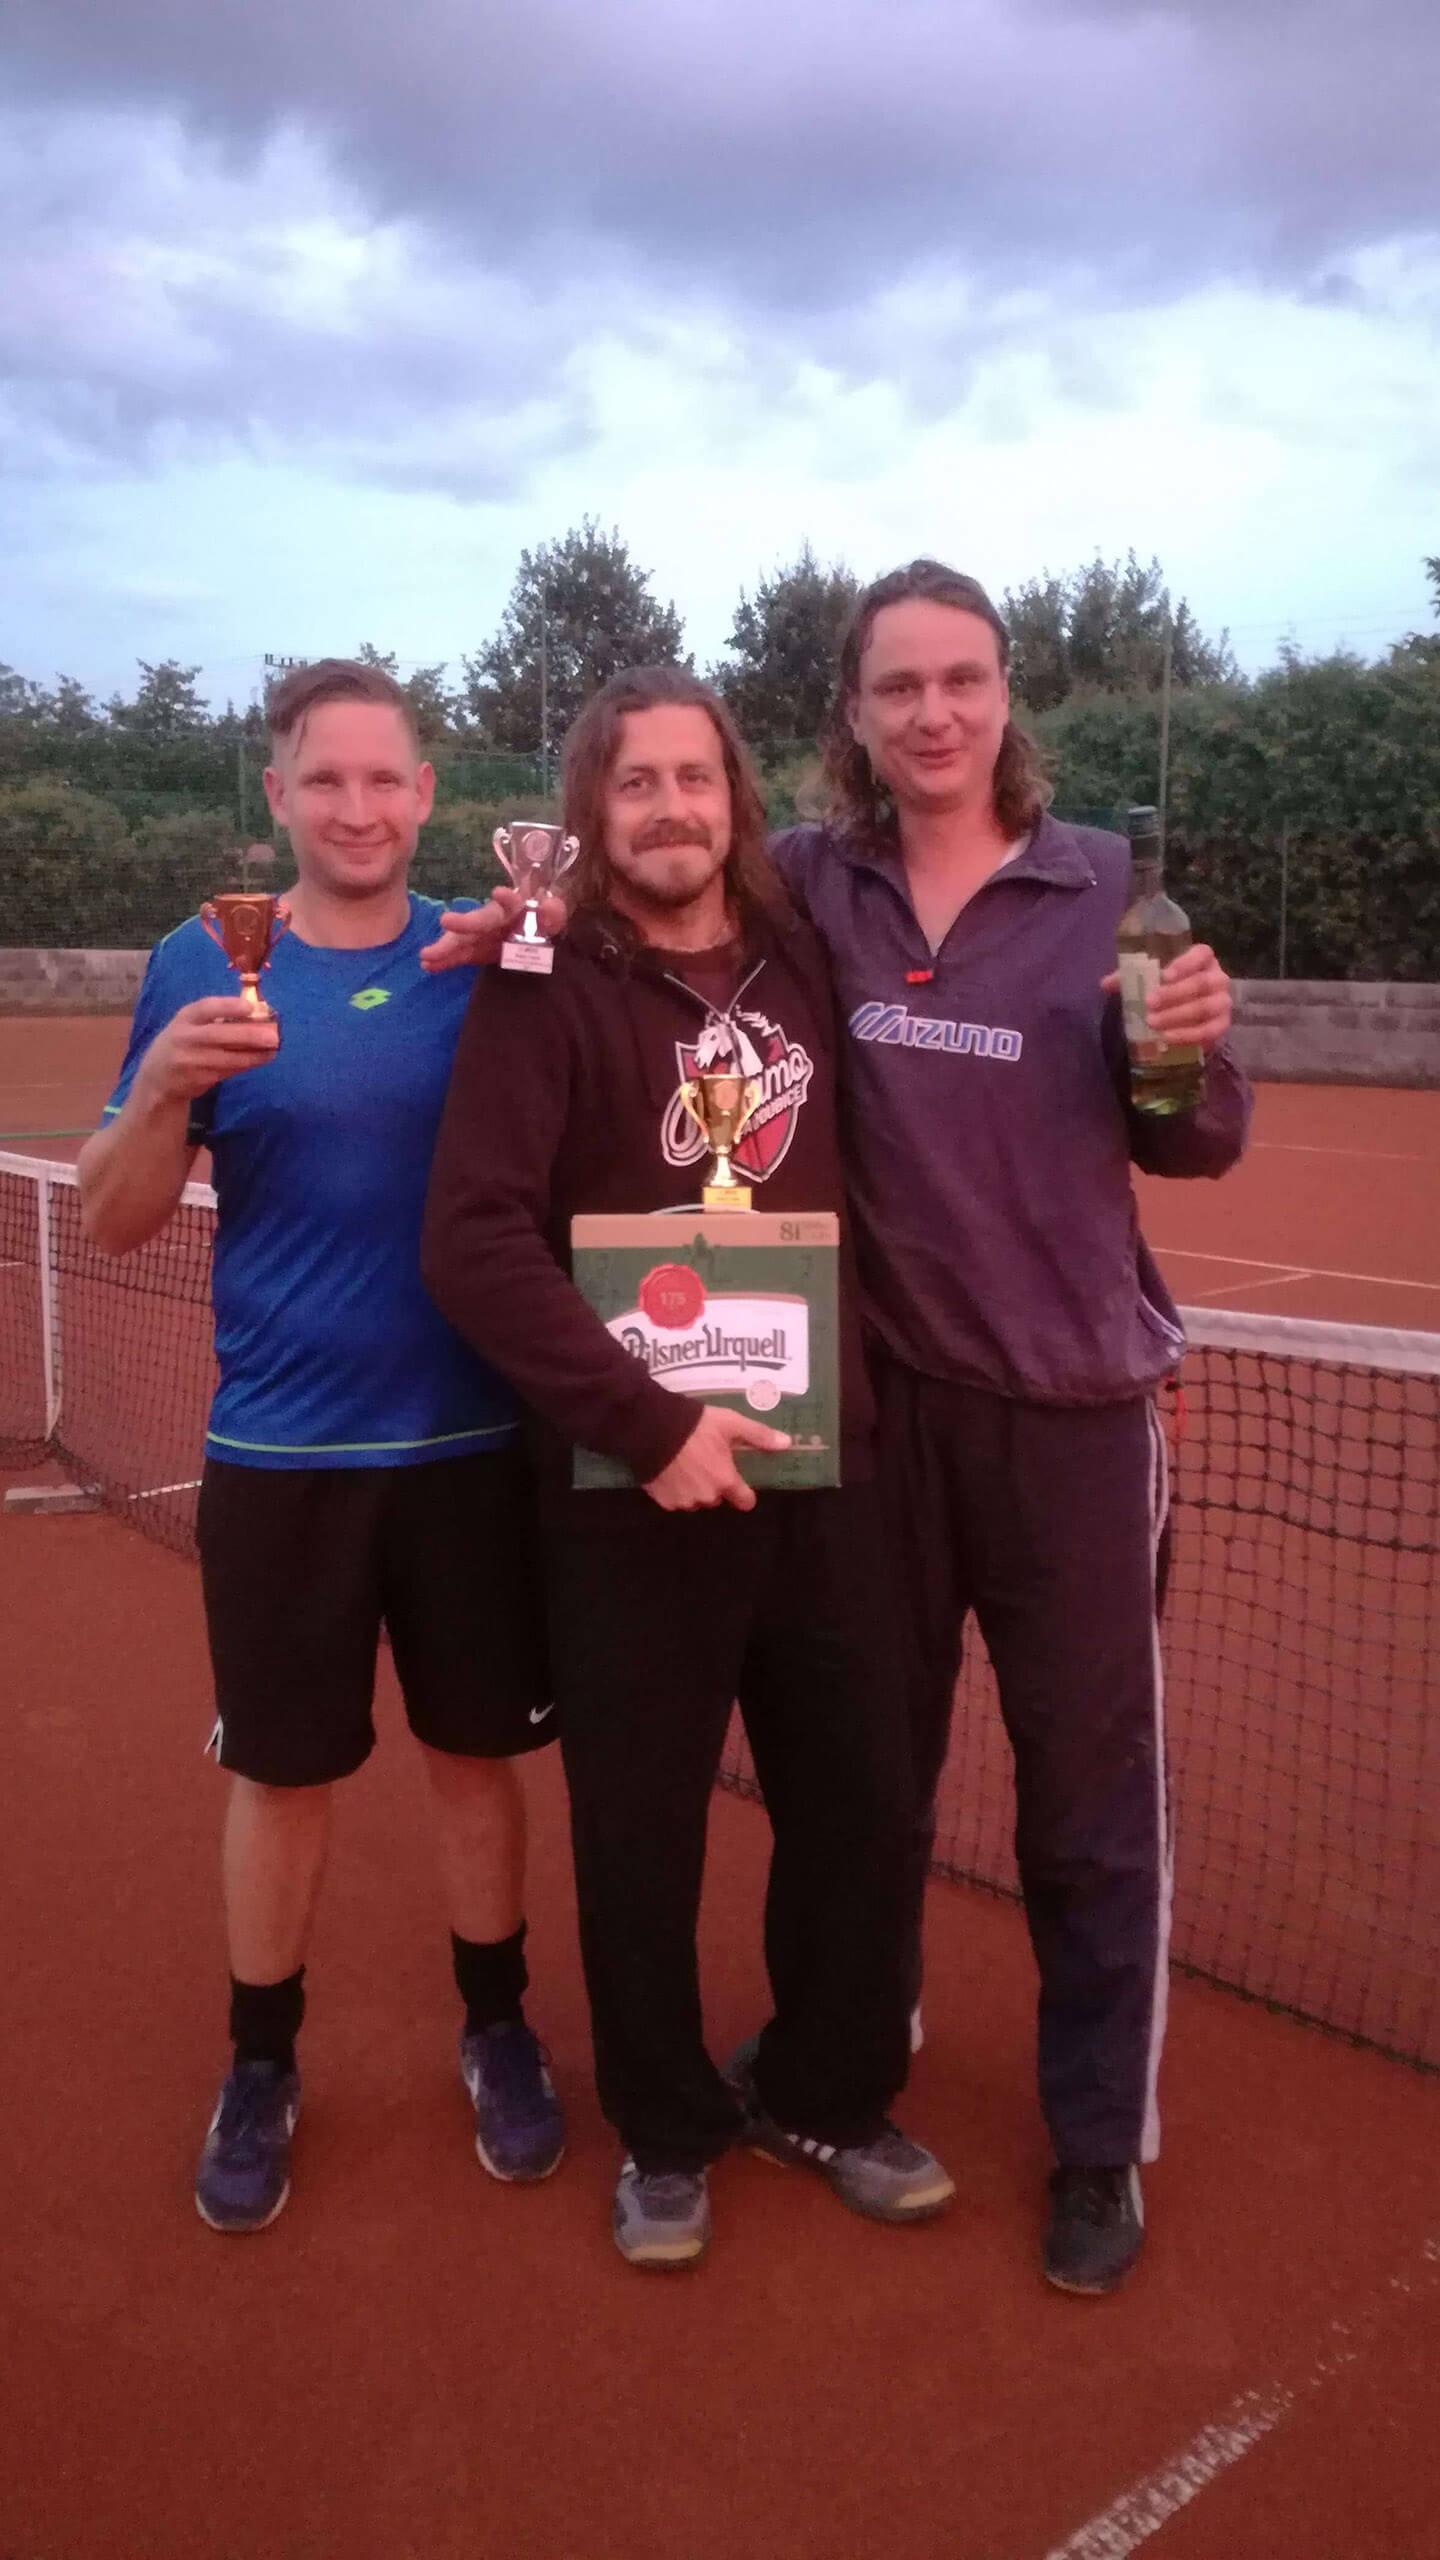 Tenis turnaj Pardubice